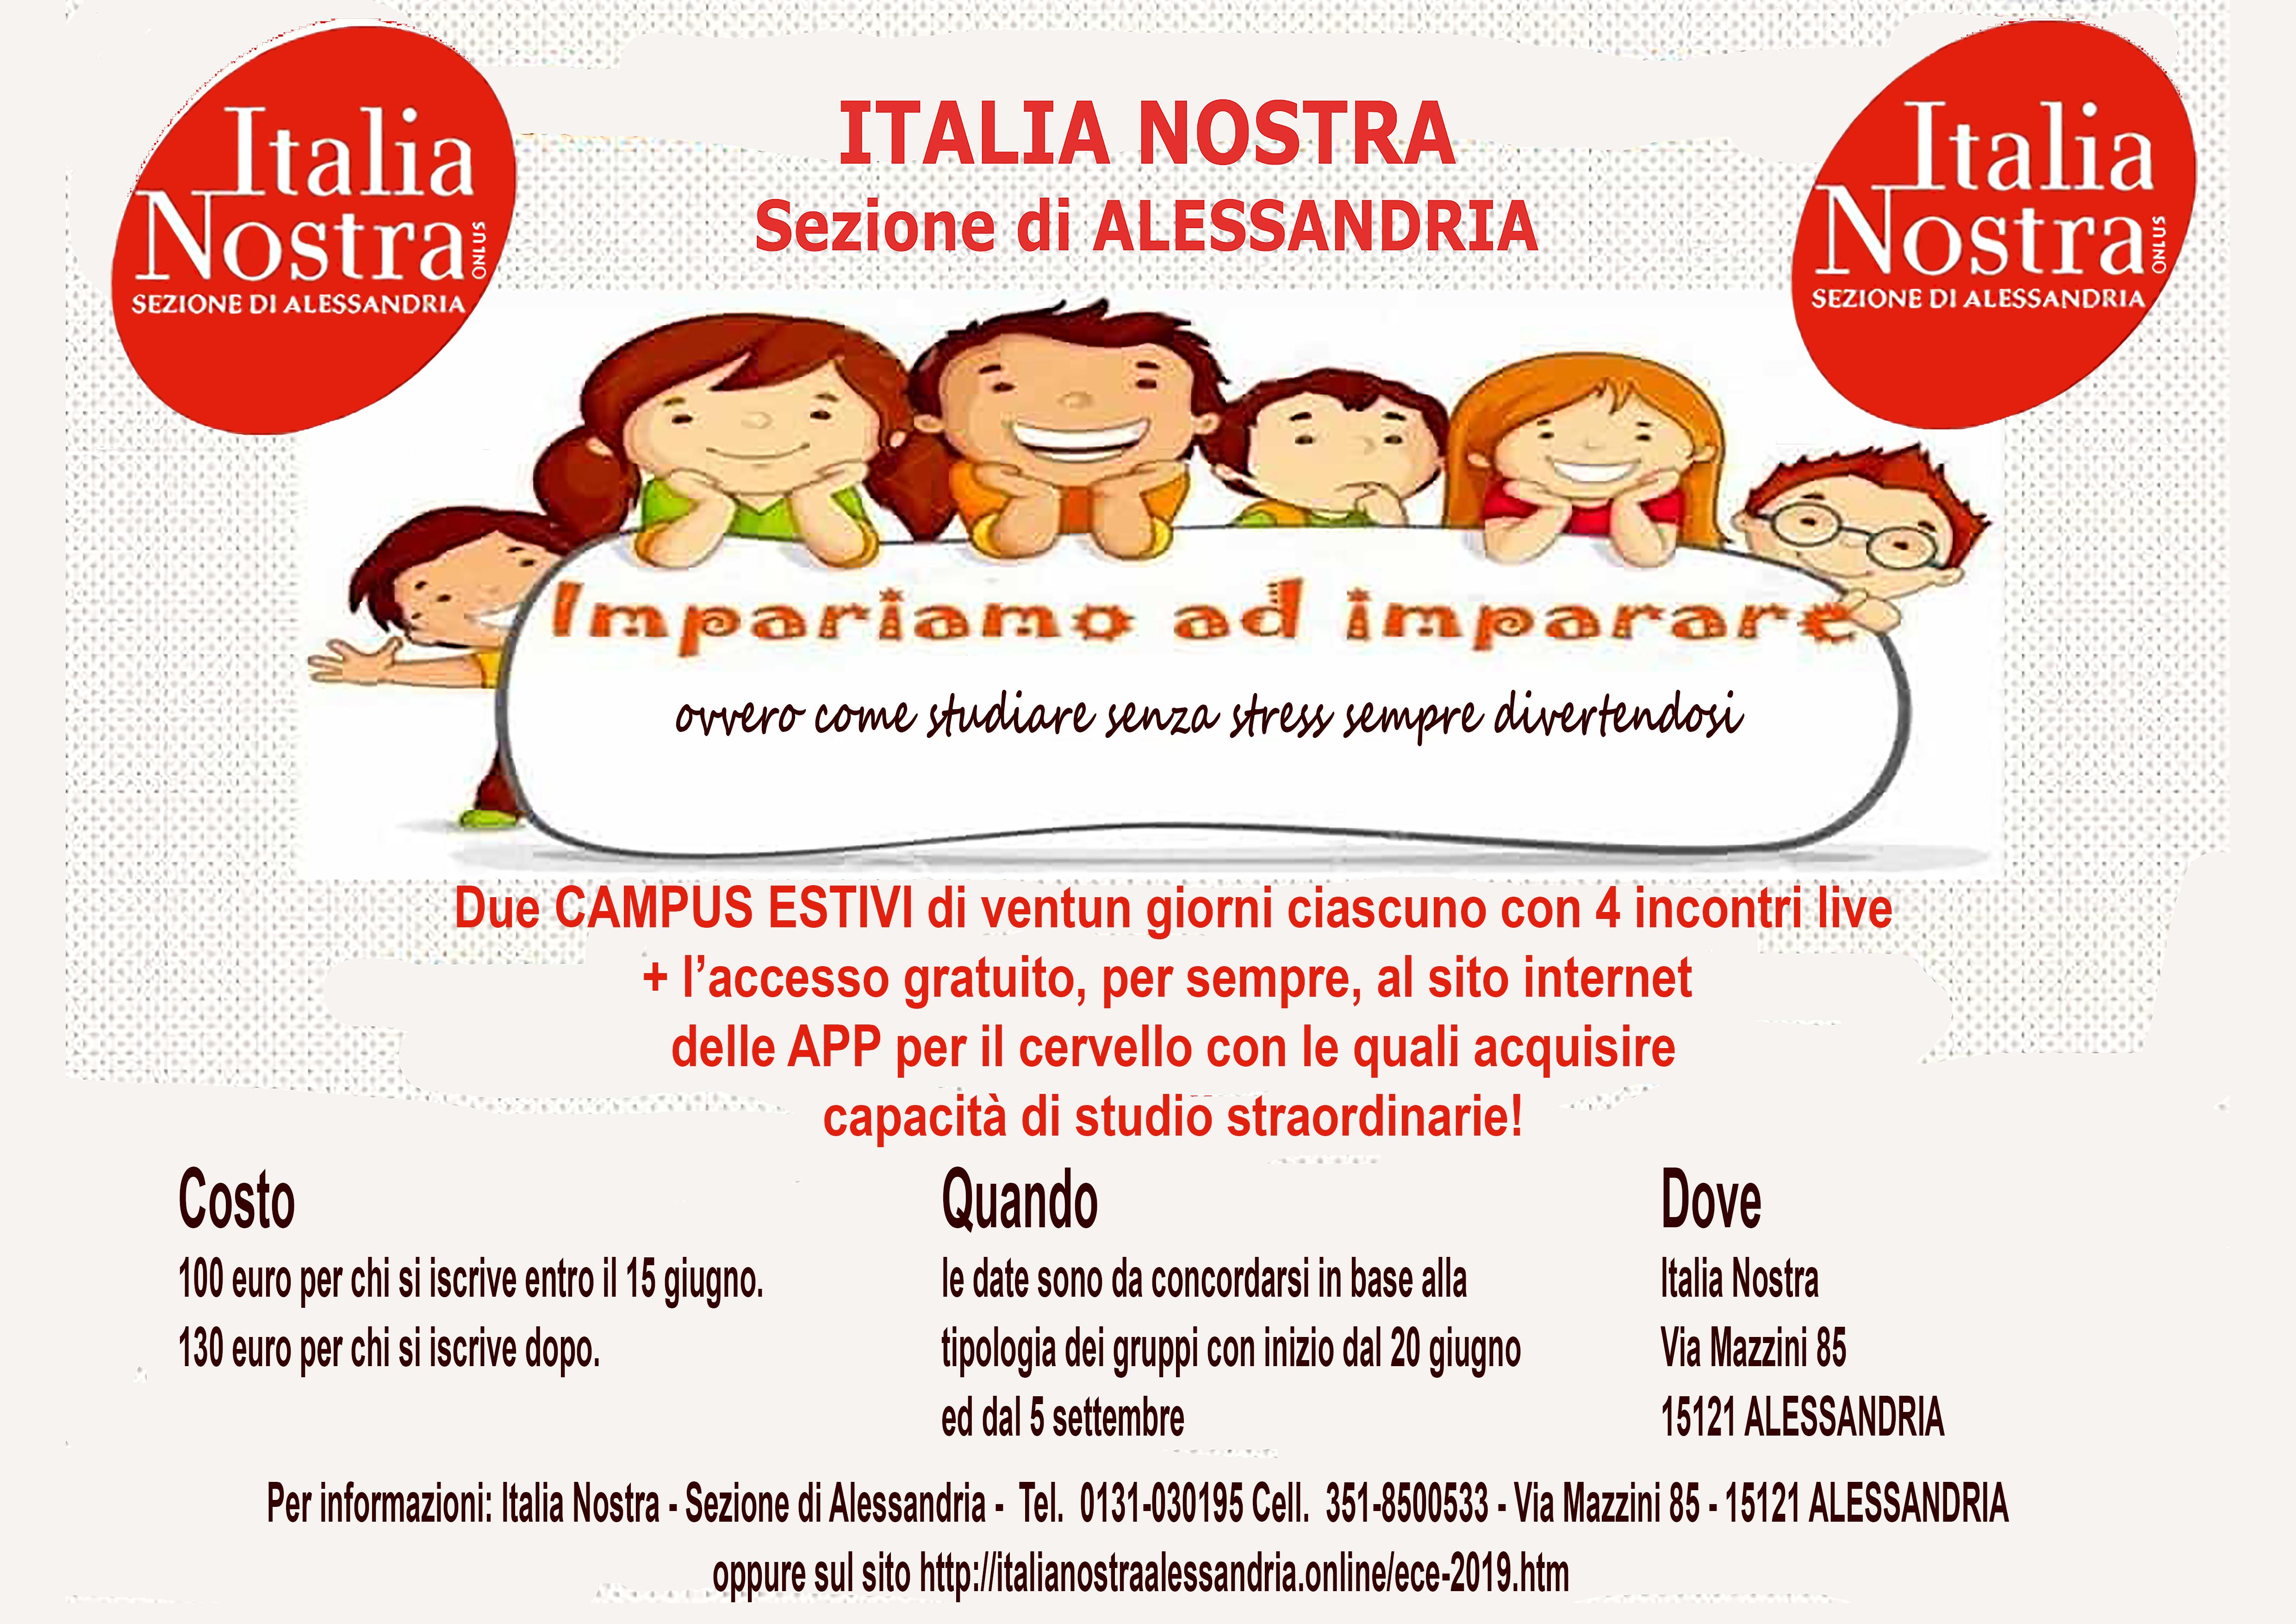 corso Italia-Nostra-impariamo ad imparare (1).png